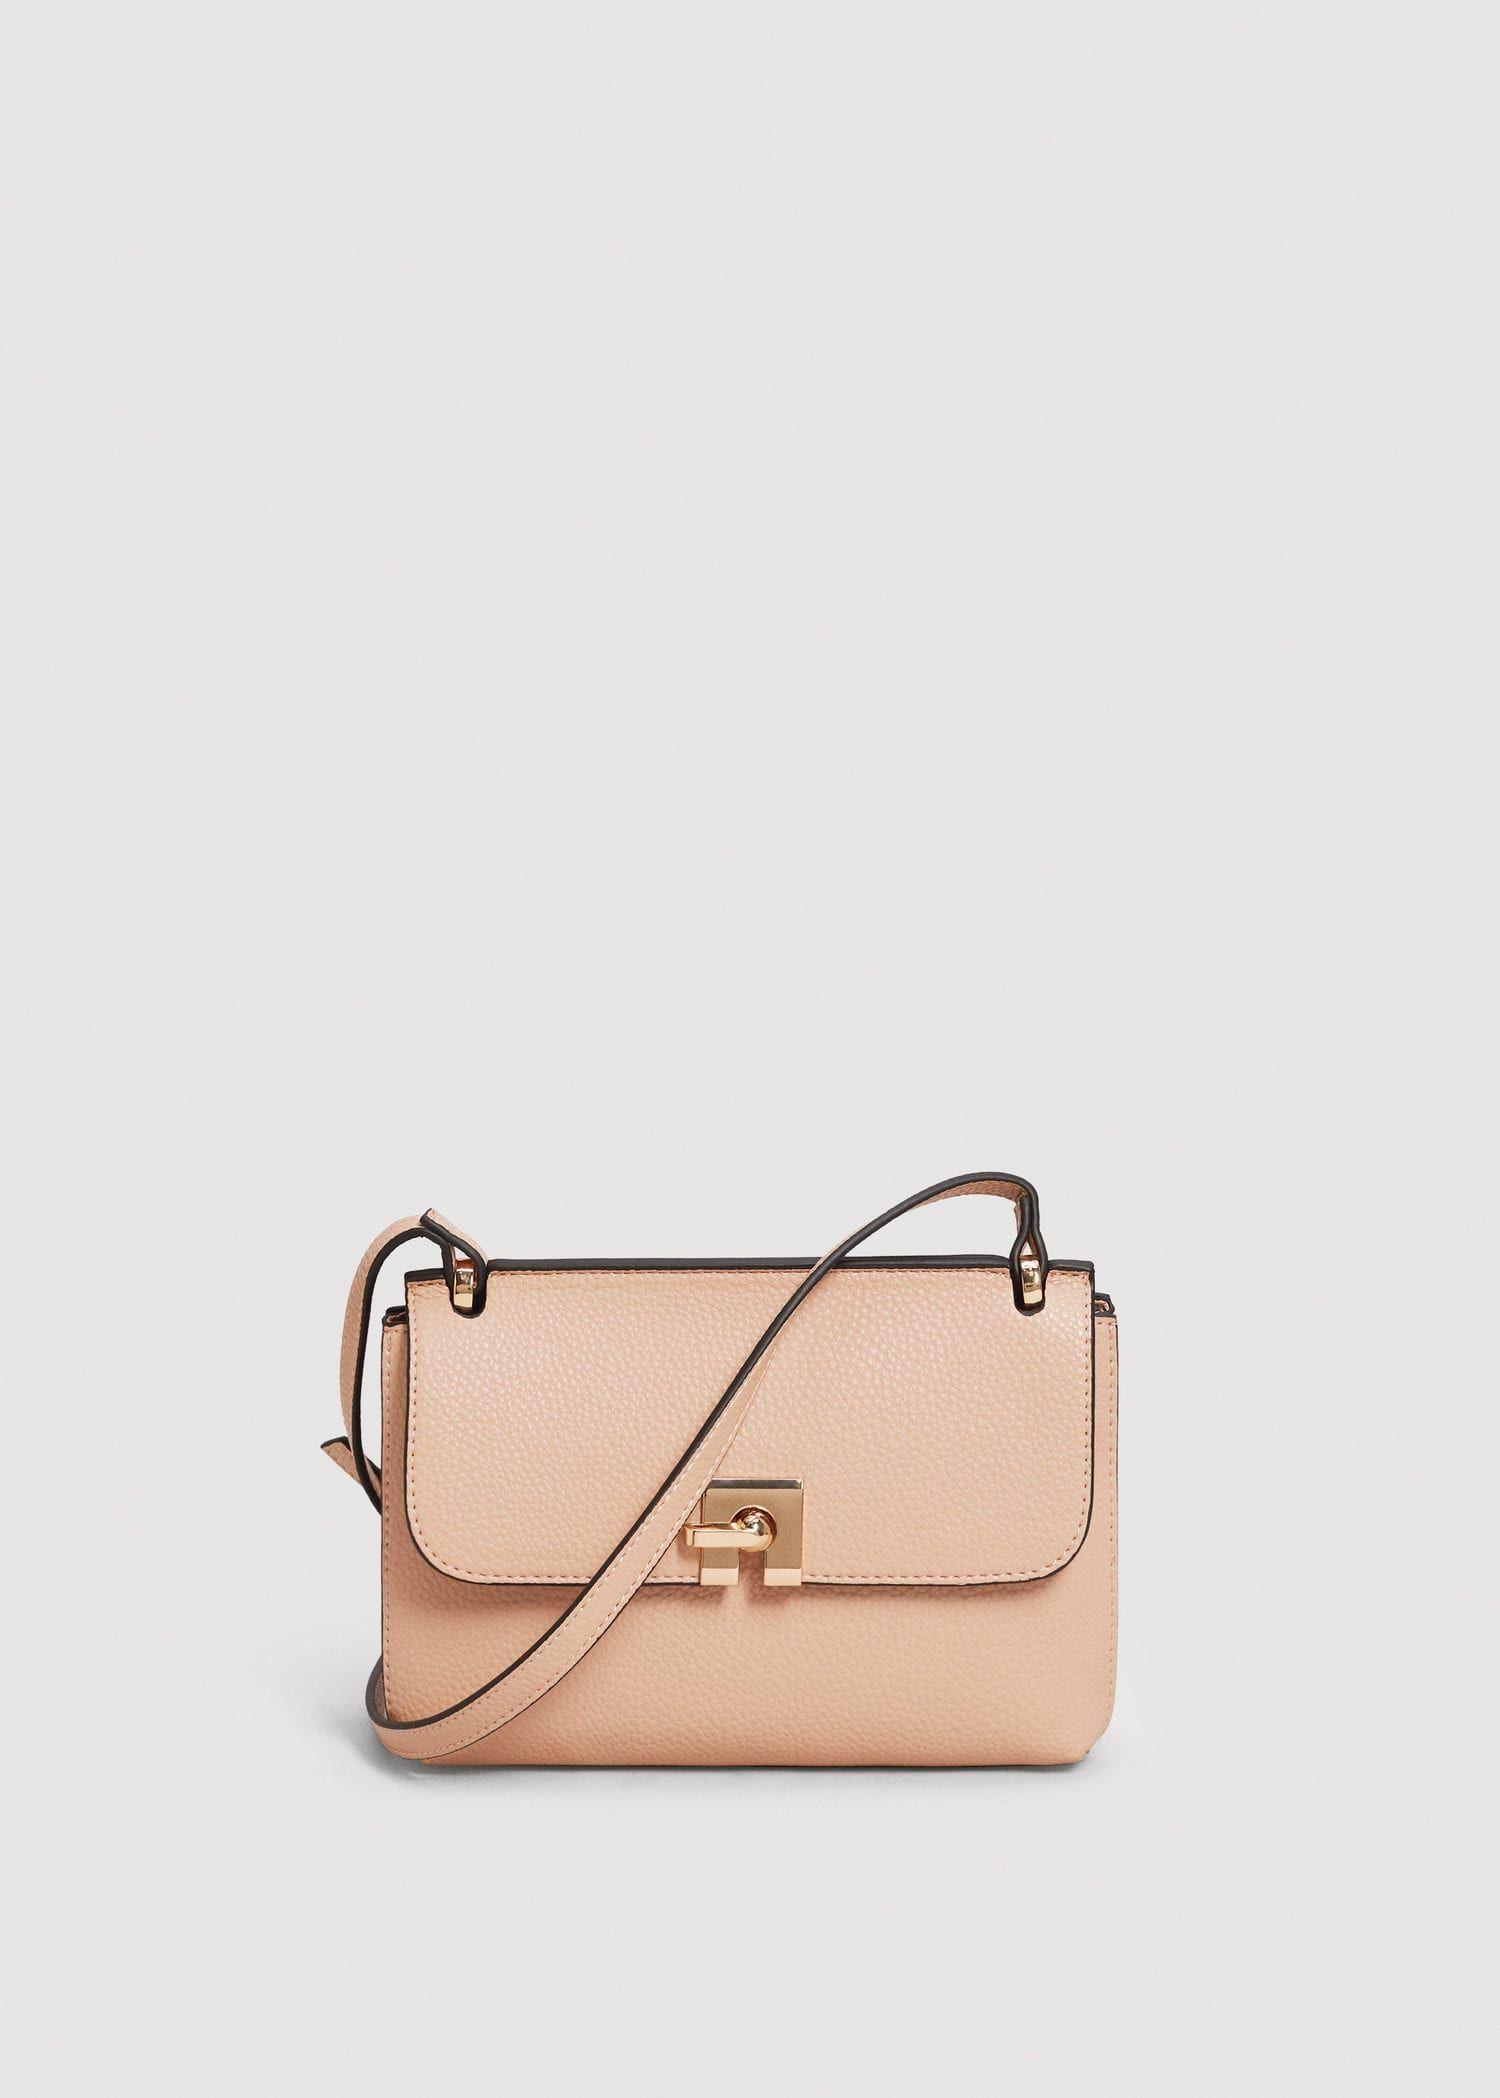 3899fb43eef3e Pürtüklü çapraz çanta - Çanta - Kadın | şeyler | Mango, Moda, Kıyafet